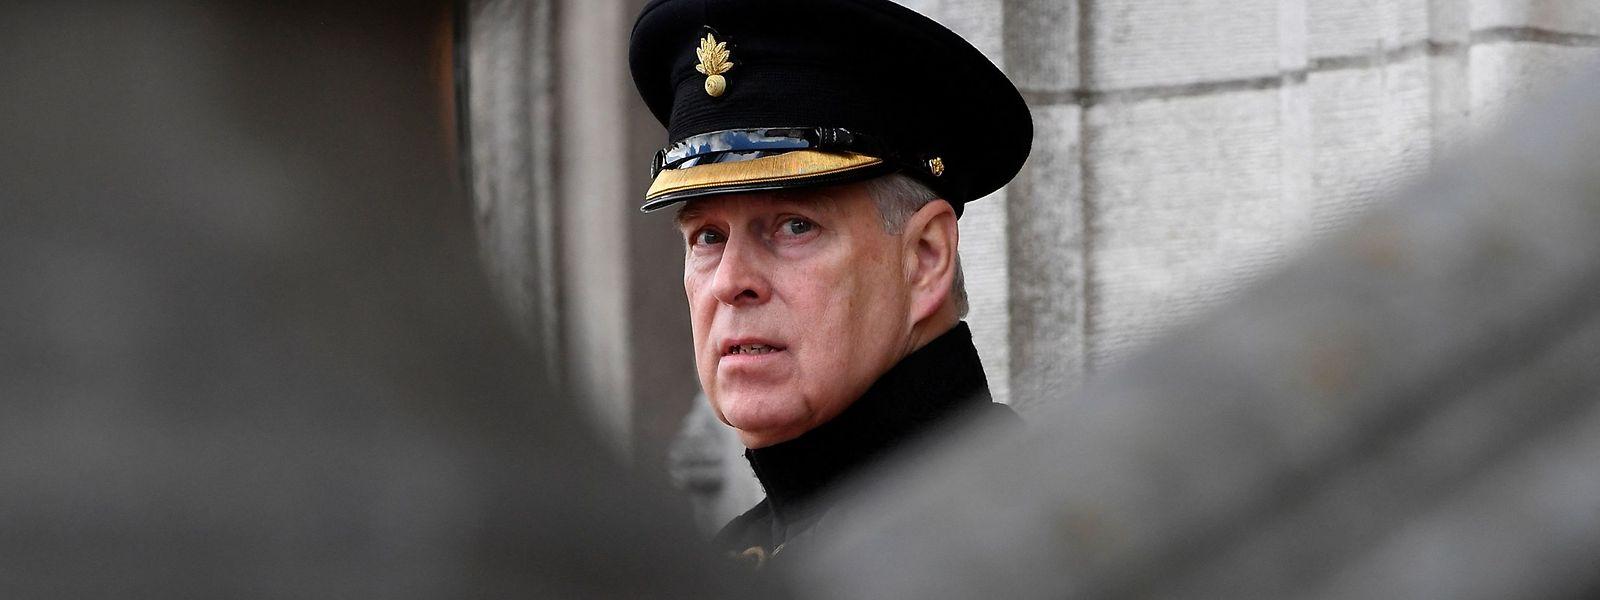 Stein des Anstoßes: Prinz Andrew hat nach wie vor nicht im Fall Epstein ausgesagt - jetzt liegt eine Anklage gegen ihn vor.